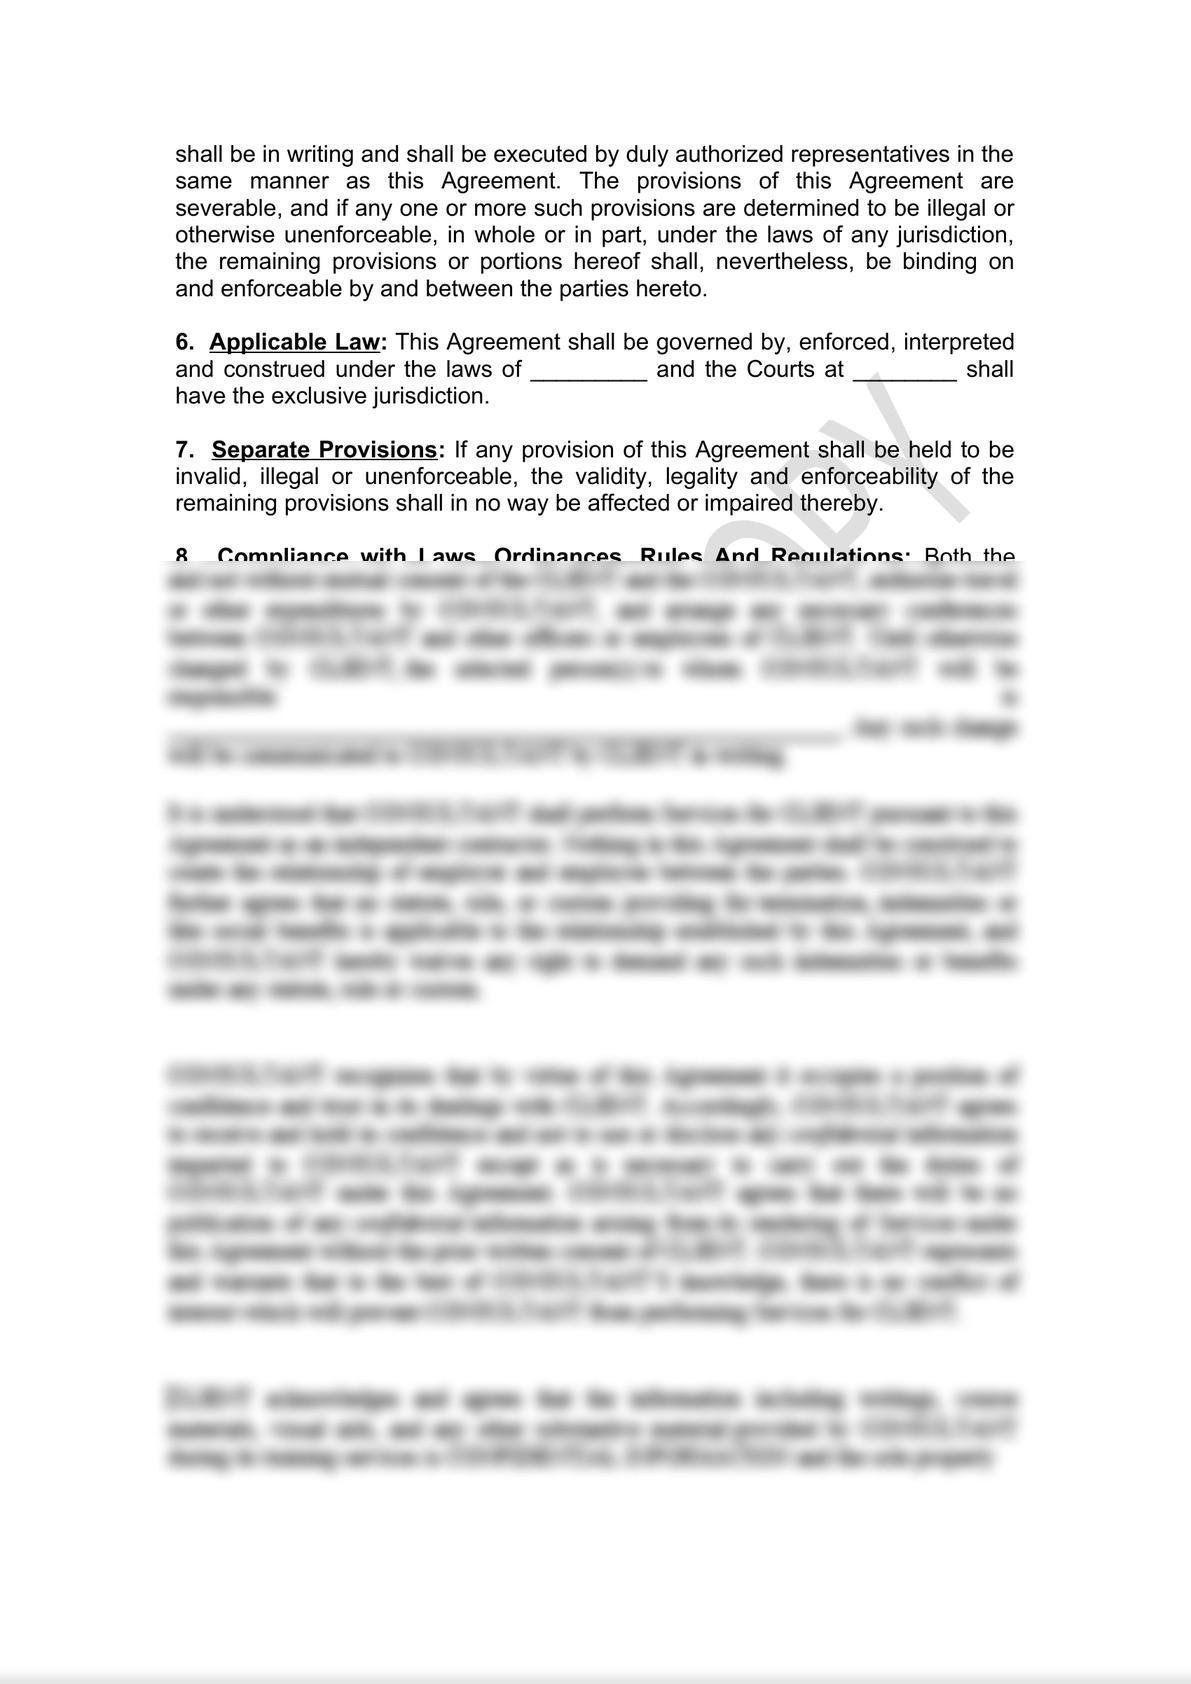 Distributor Agreement Draft-6